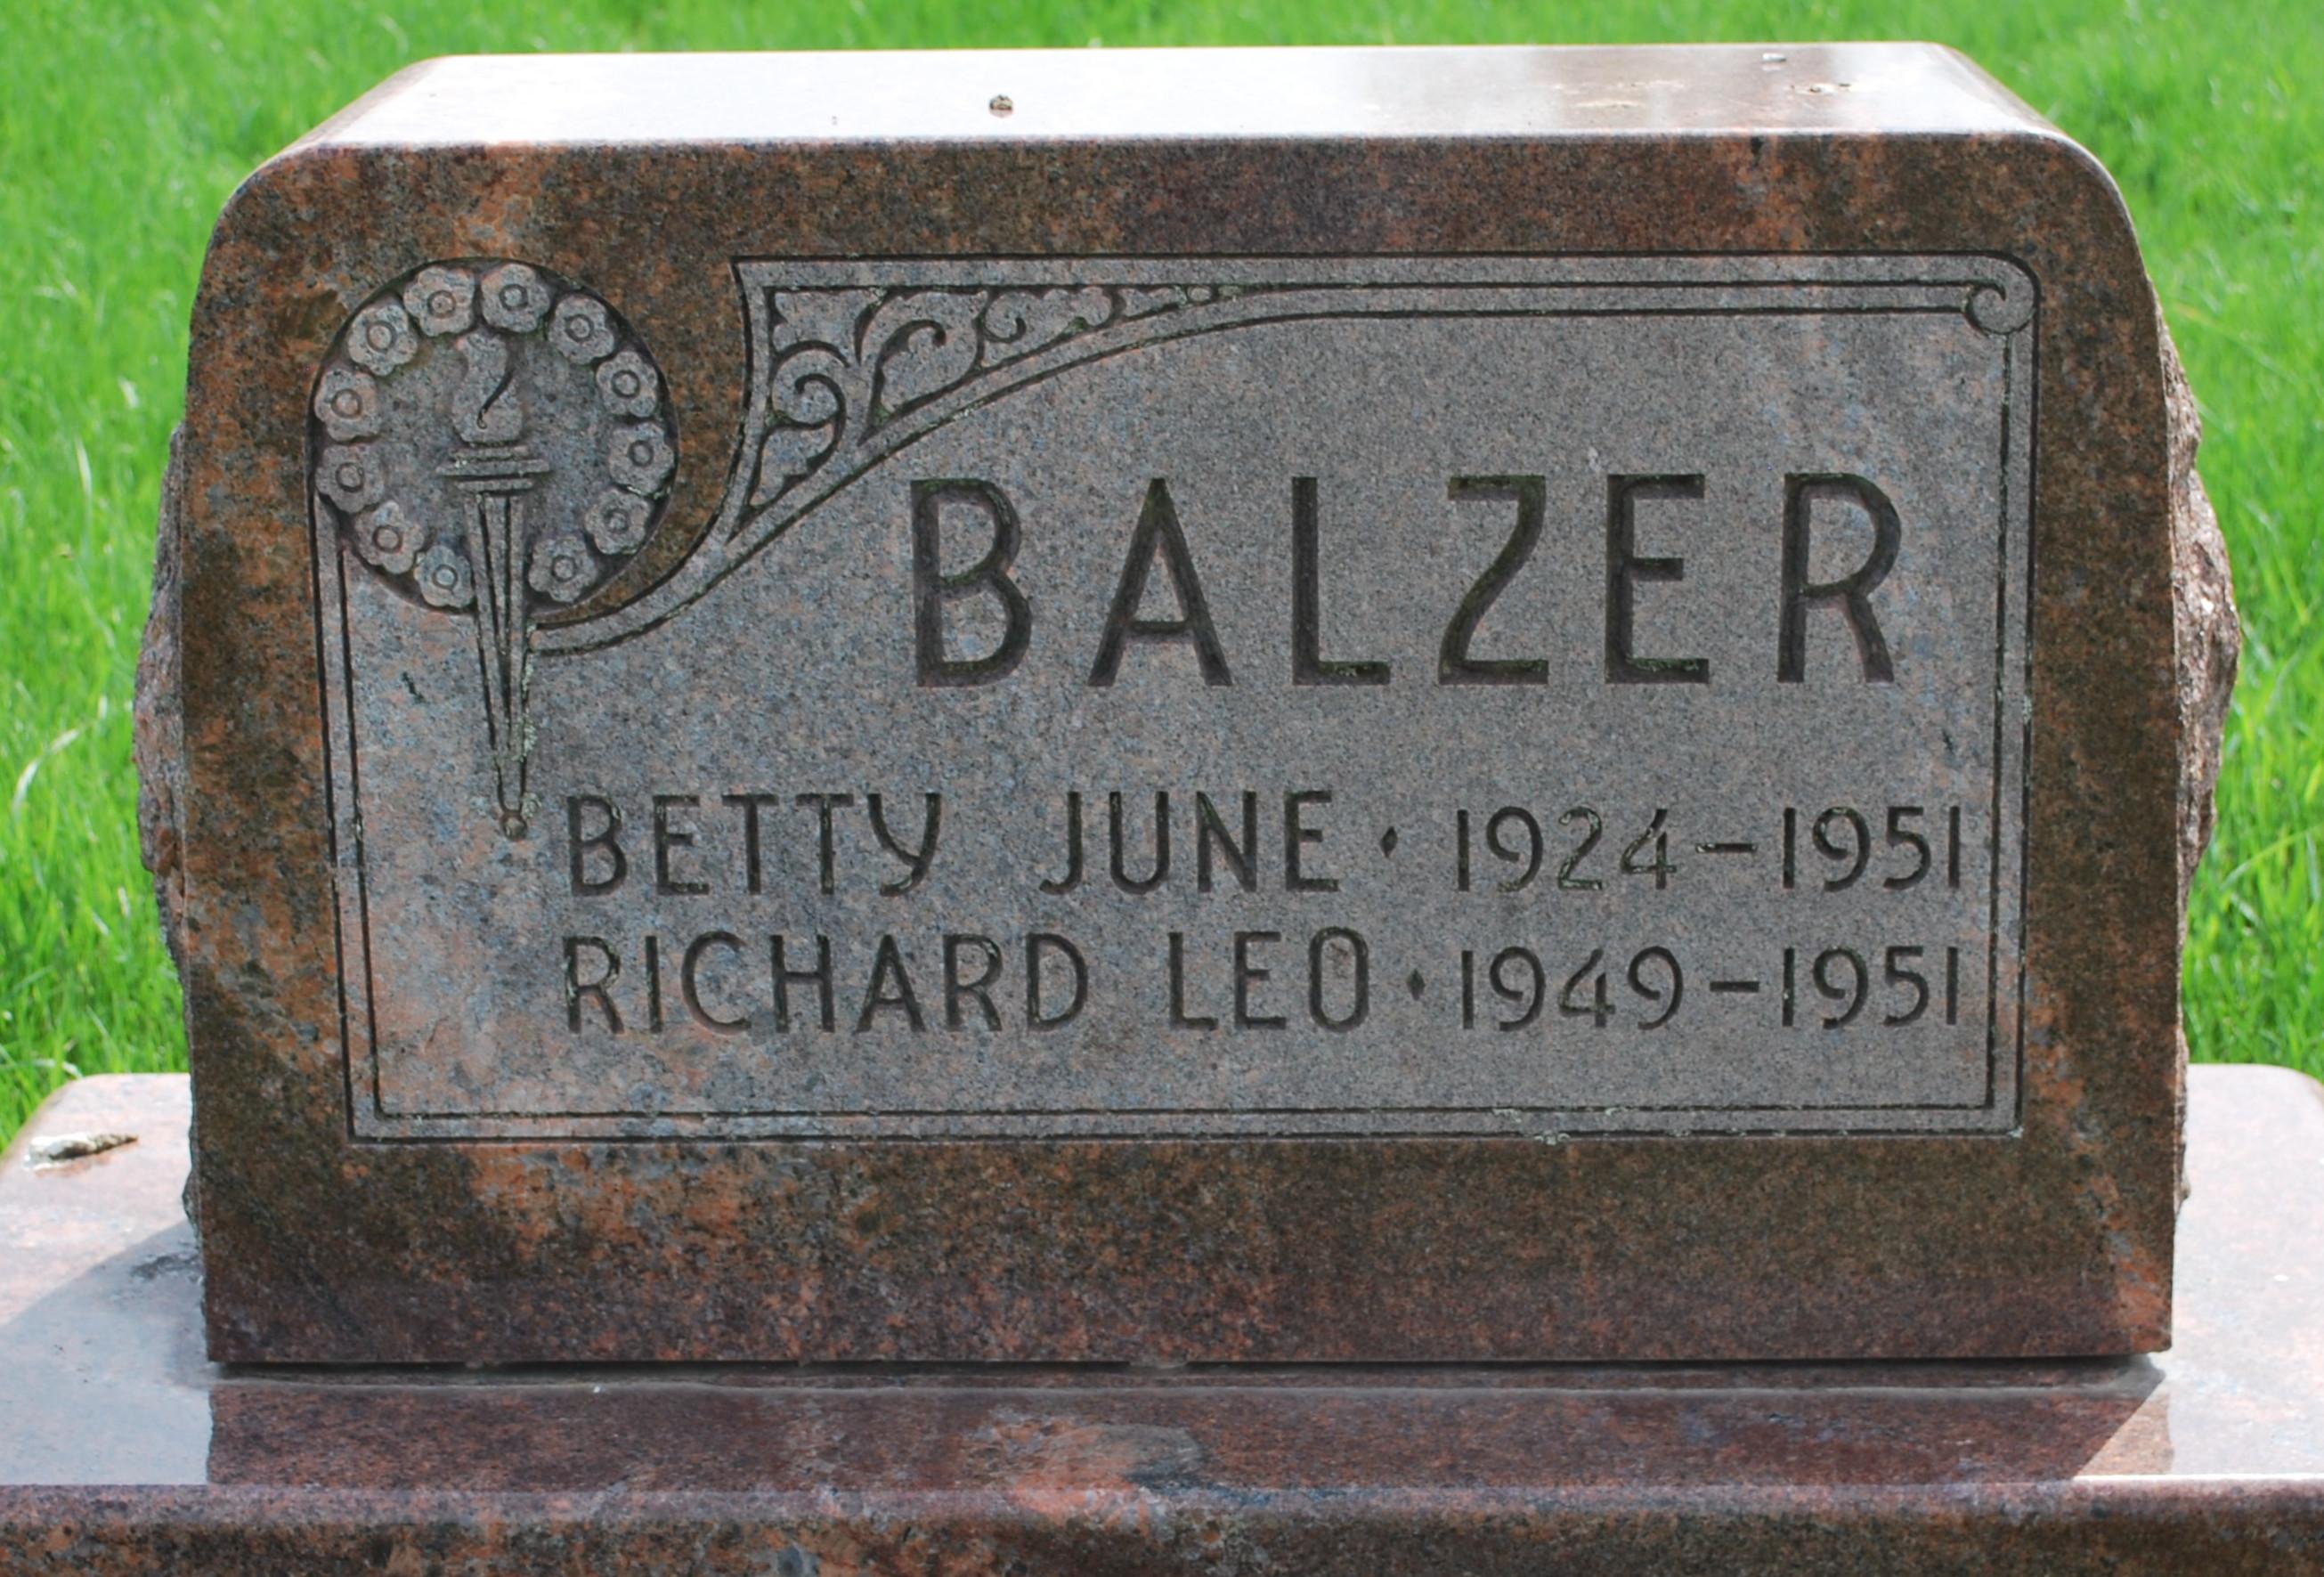 Richard Leo Balzer